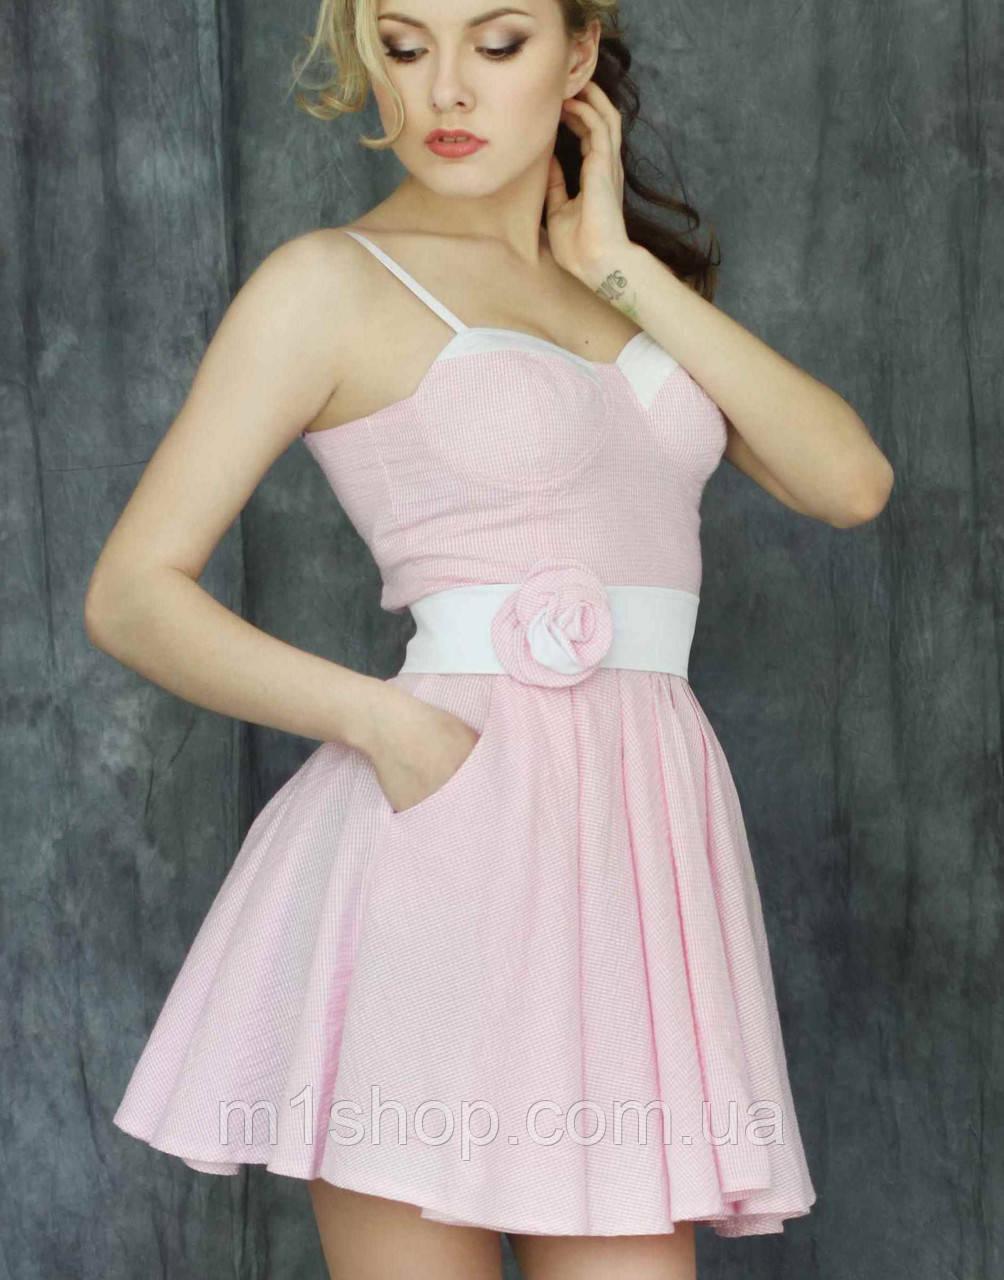 Платье с бретельками | Сьюзи lzn